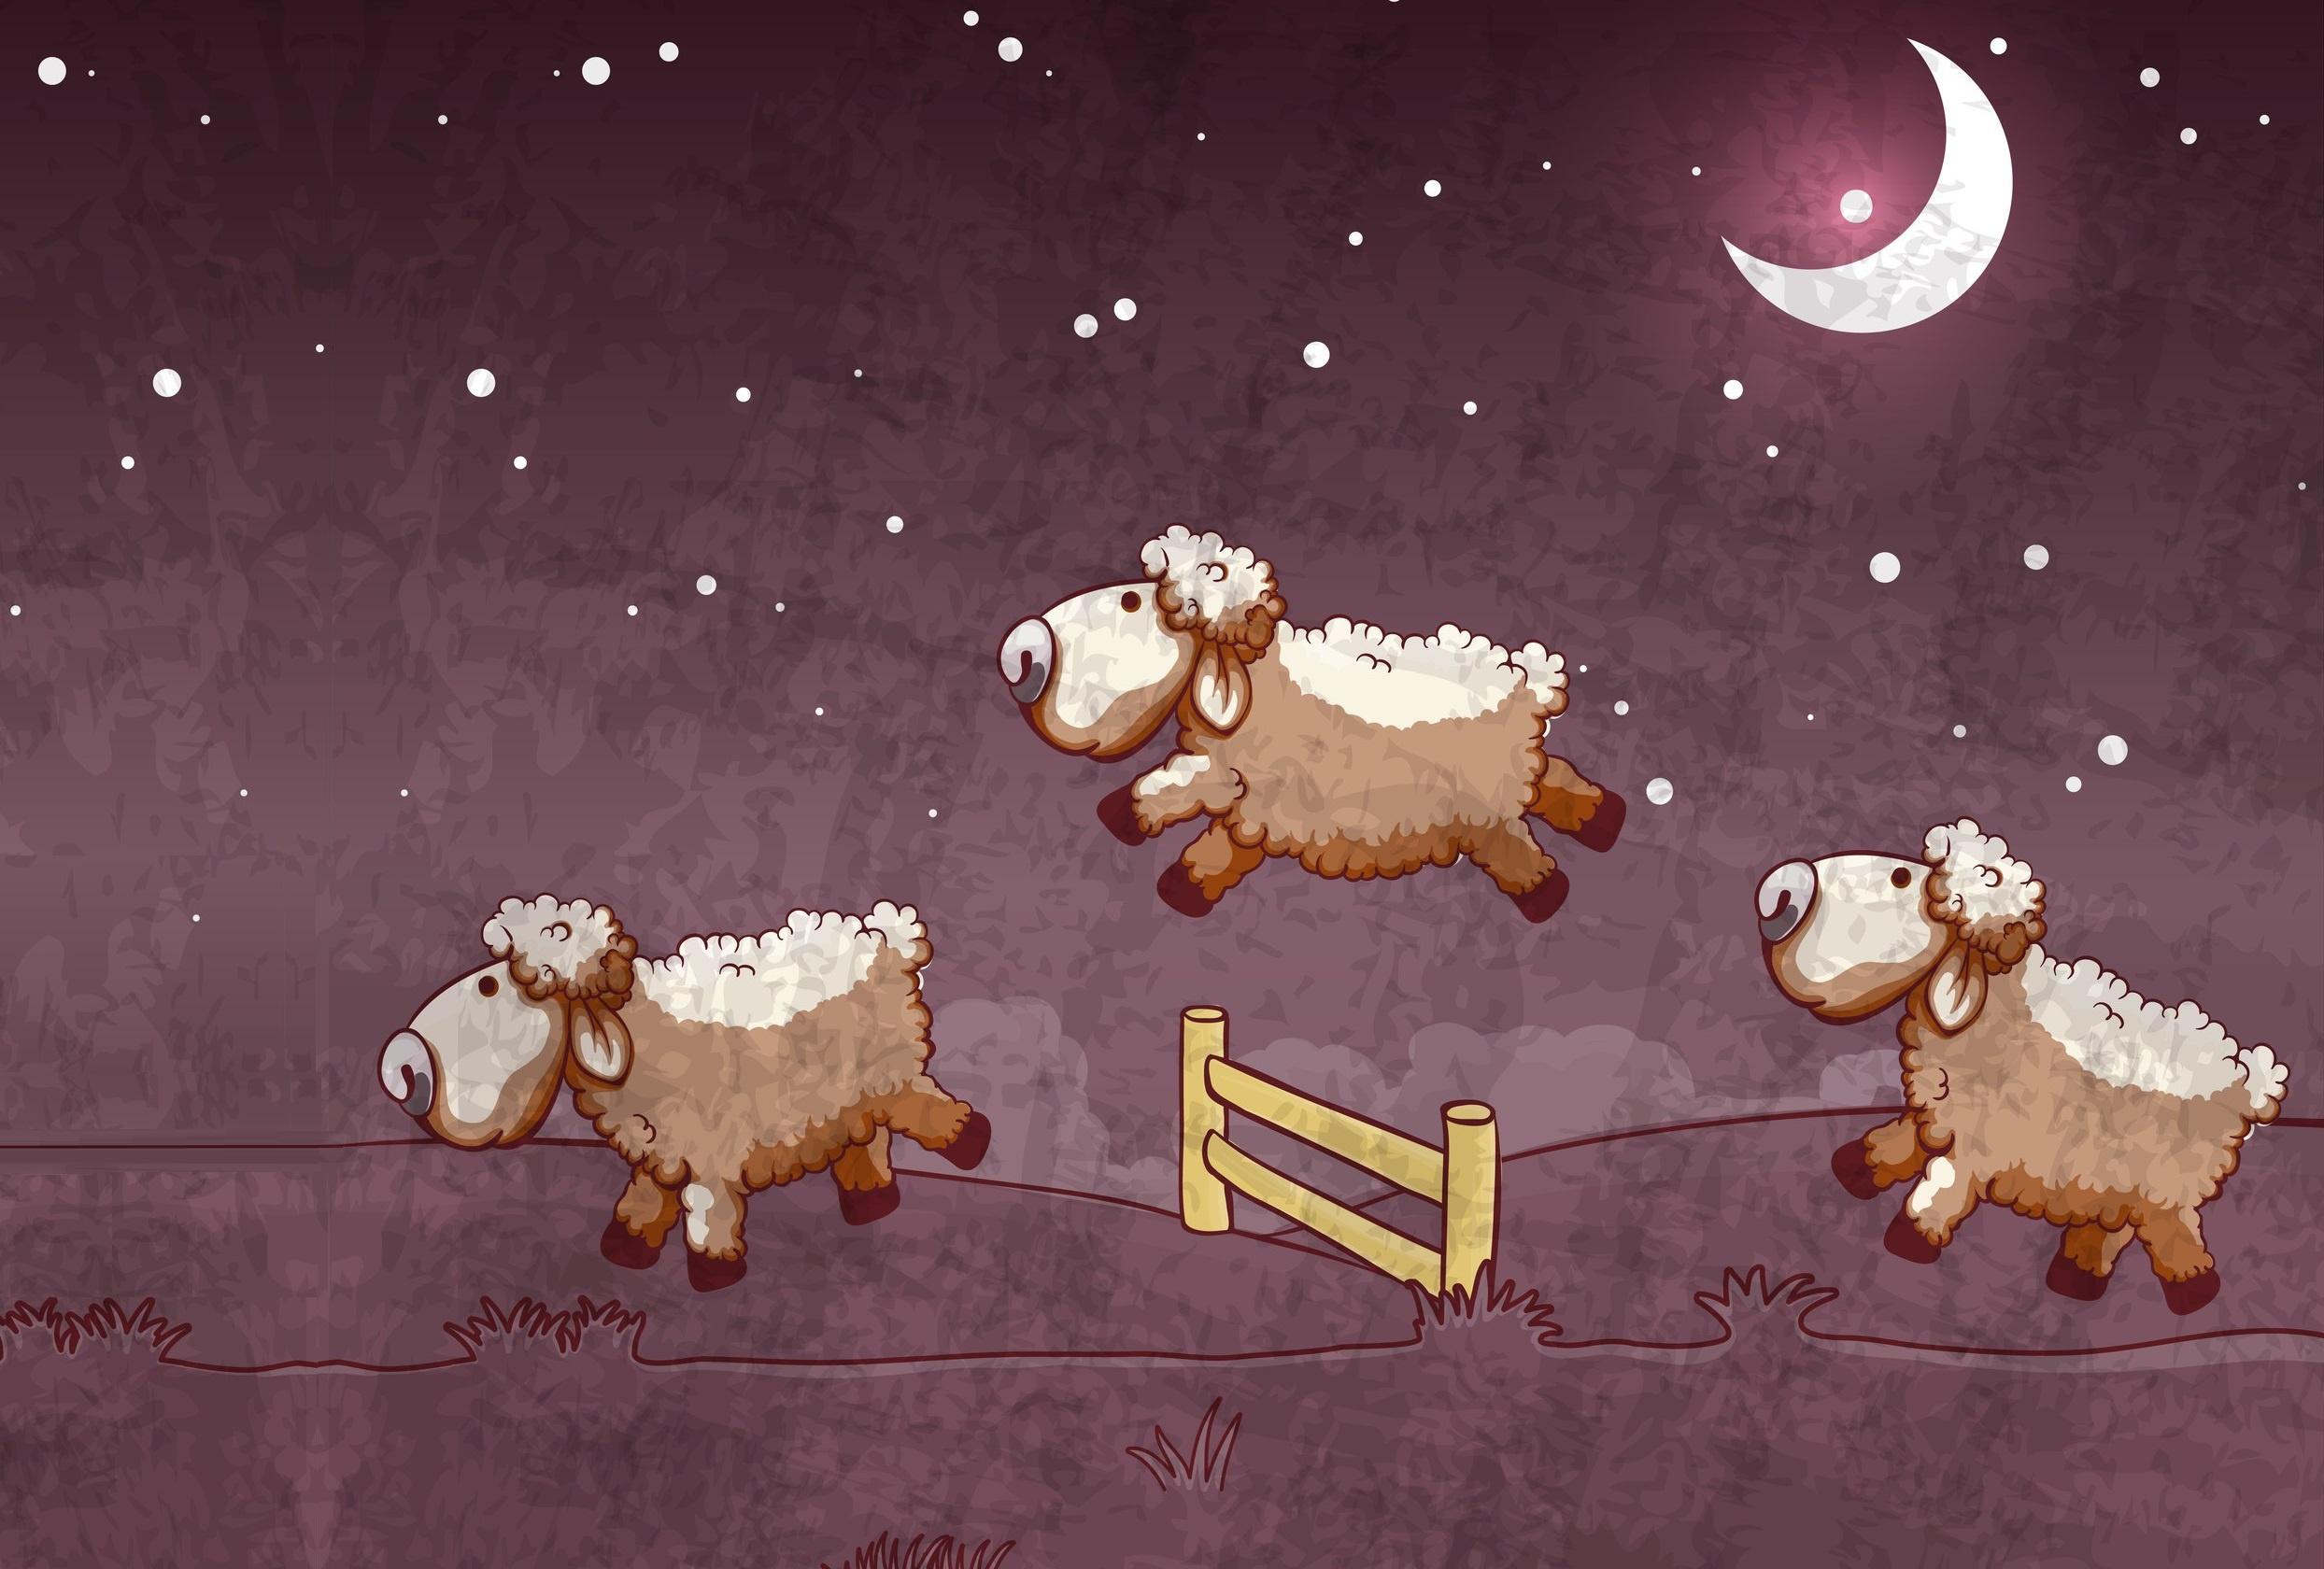 Своими руками, красивые овечки картинки спокойной ночи